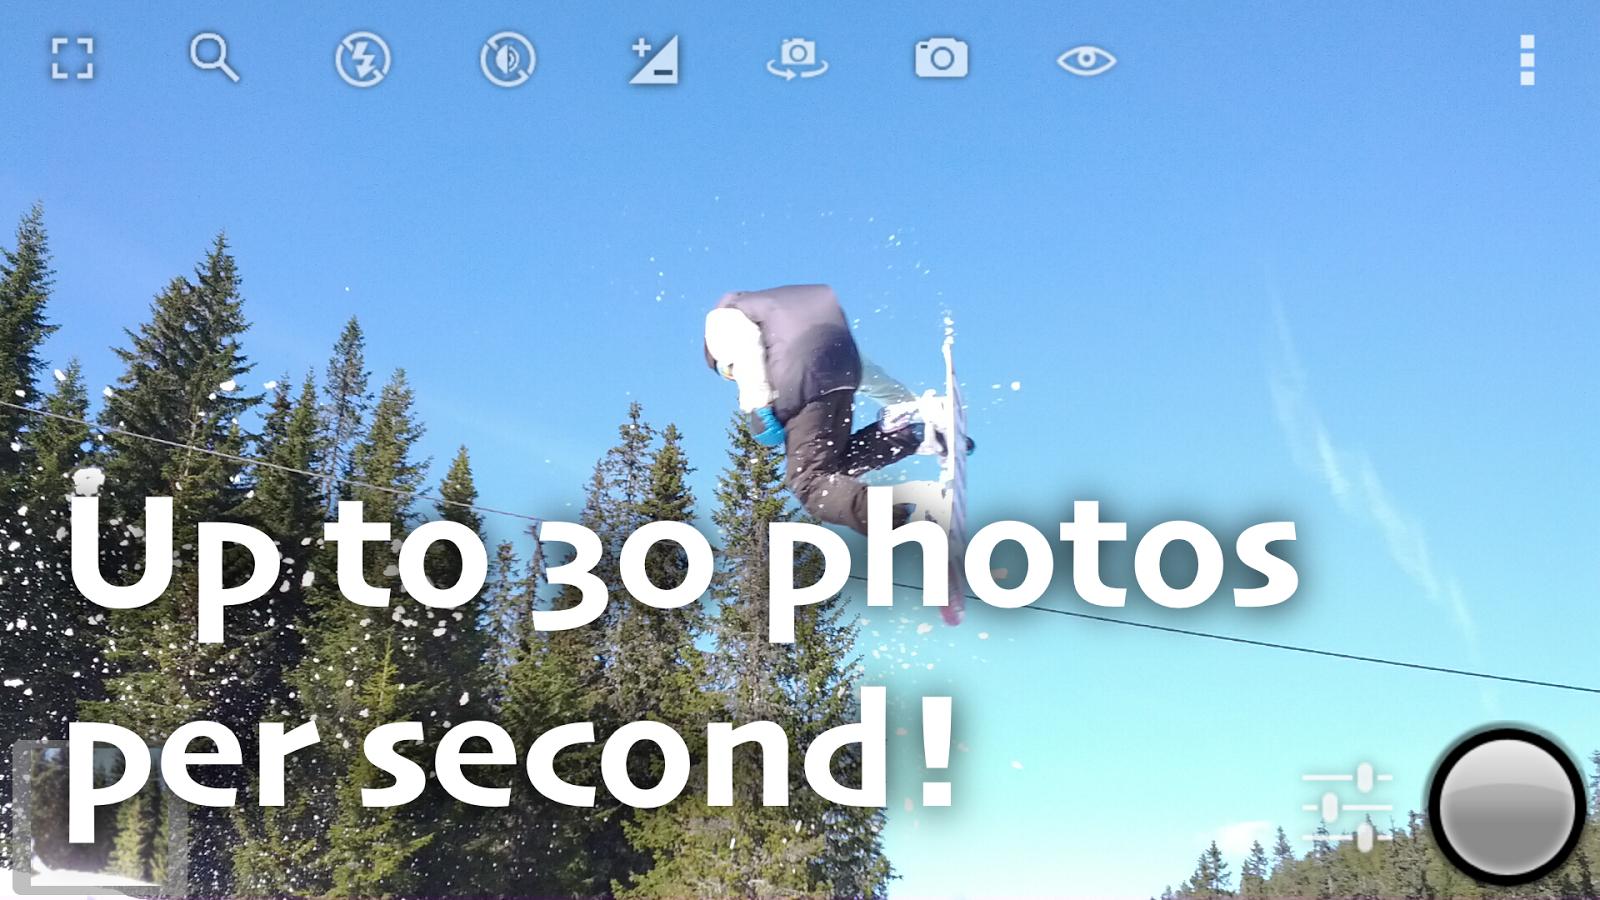 Fast Burst Camera - aplikacja robiąca szybko zdjęcia @Google Play